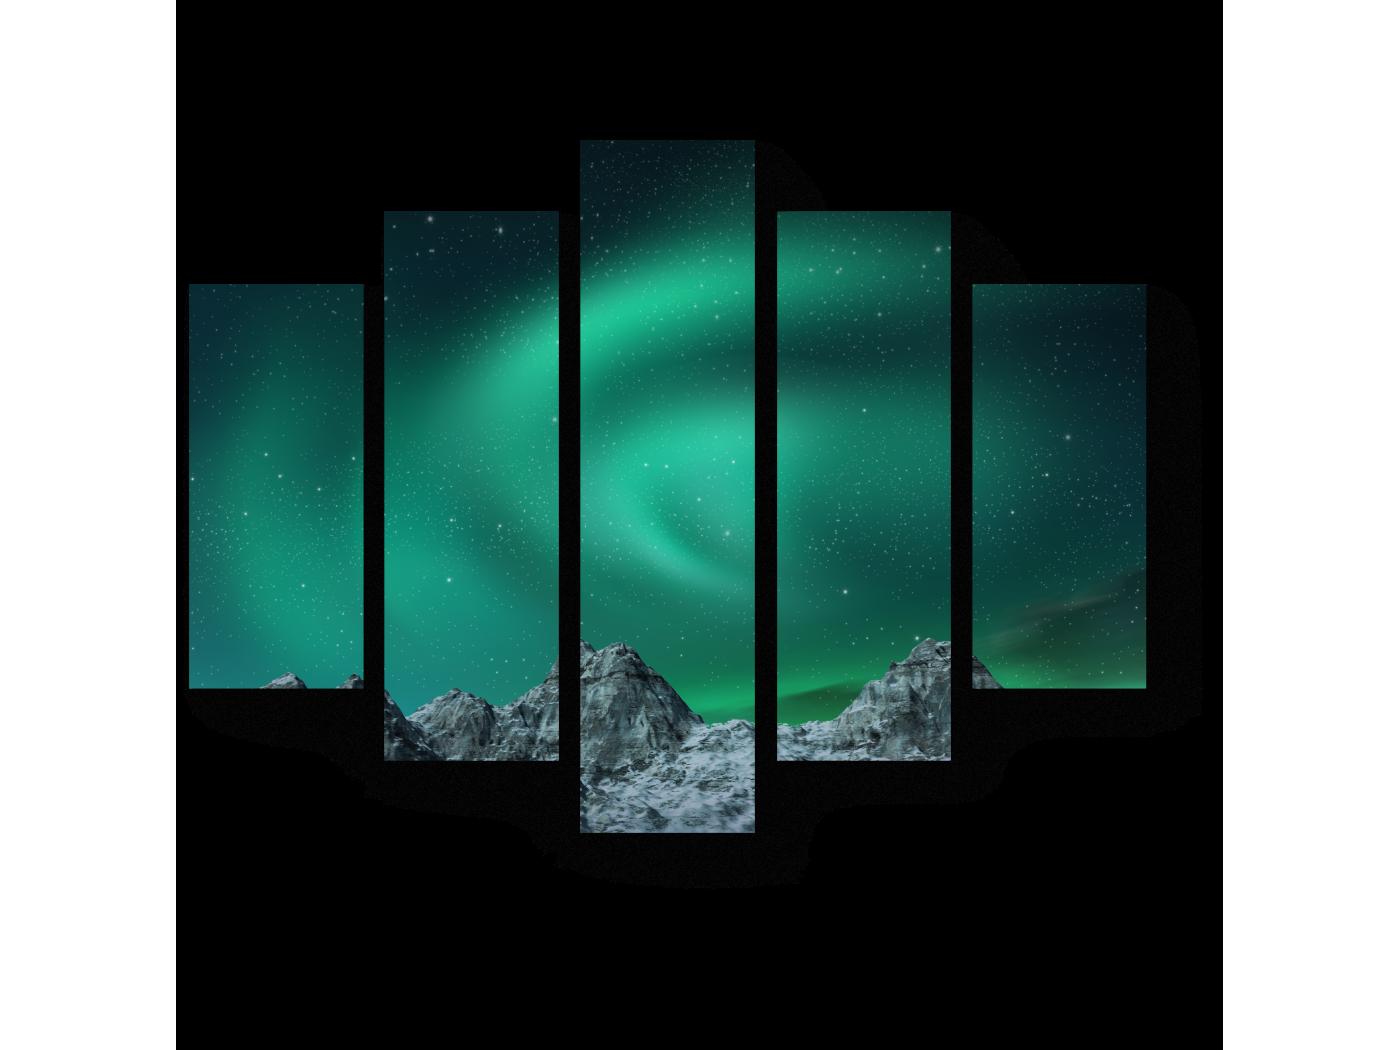 Модульная картина Необыкновенное сияние (75x60) фото